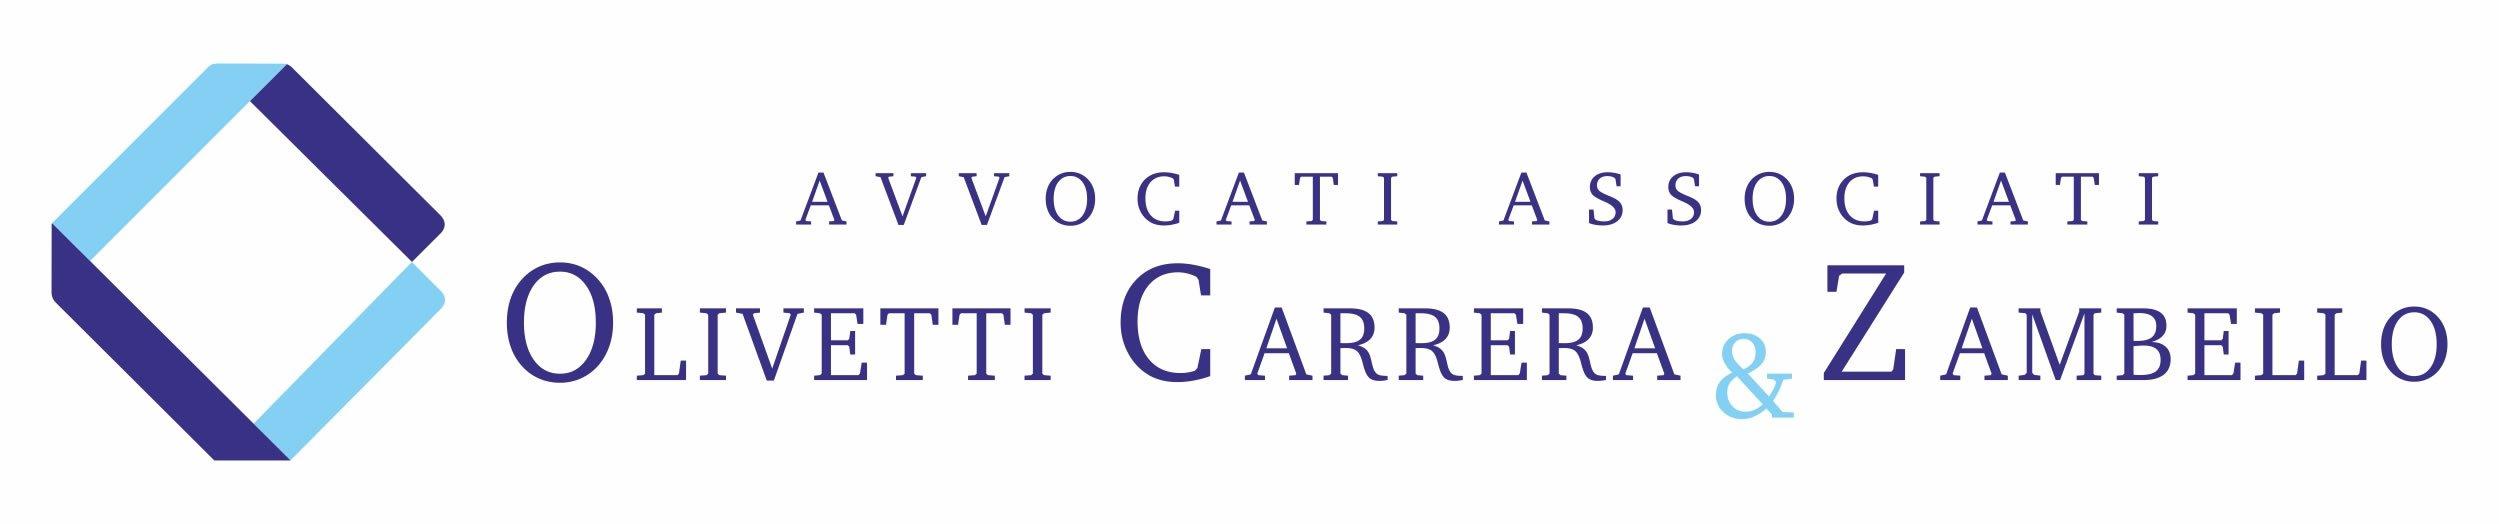 Avvocati associati Olivetti - Carrera - Zambello logo